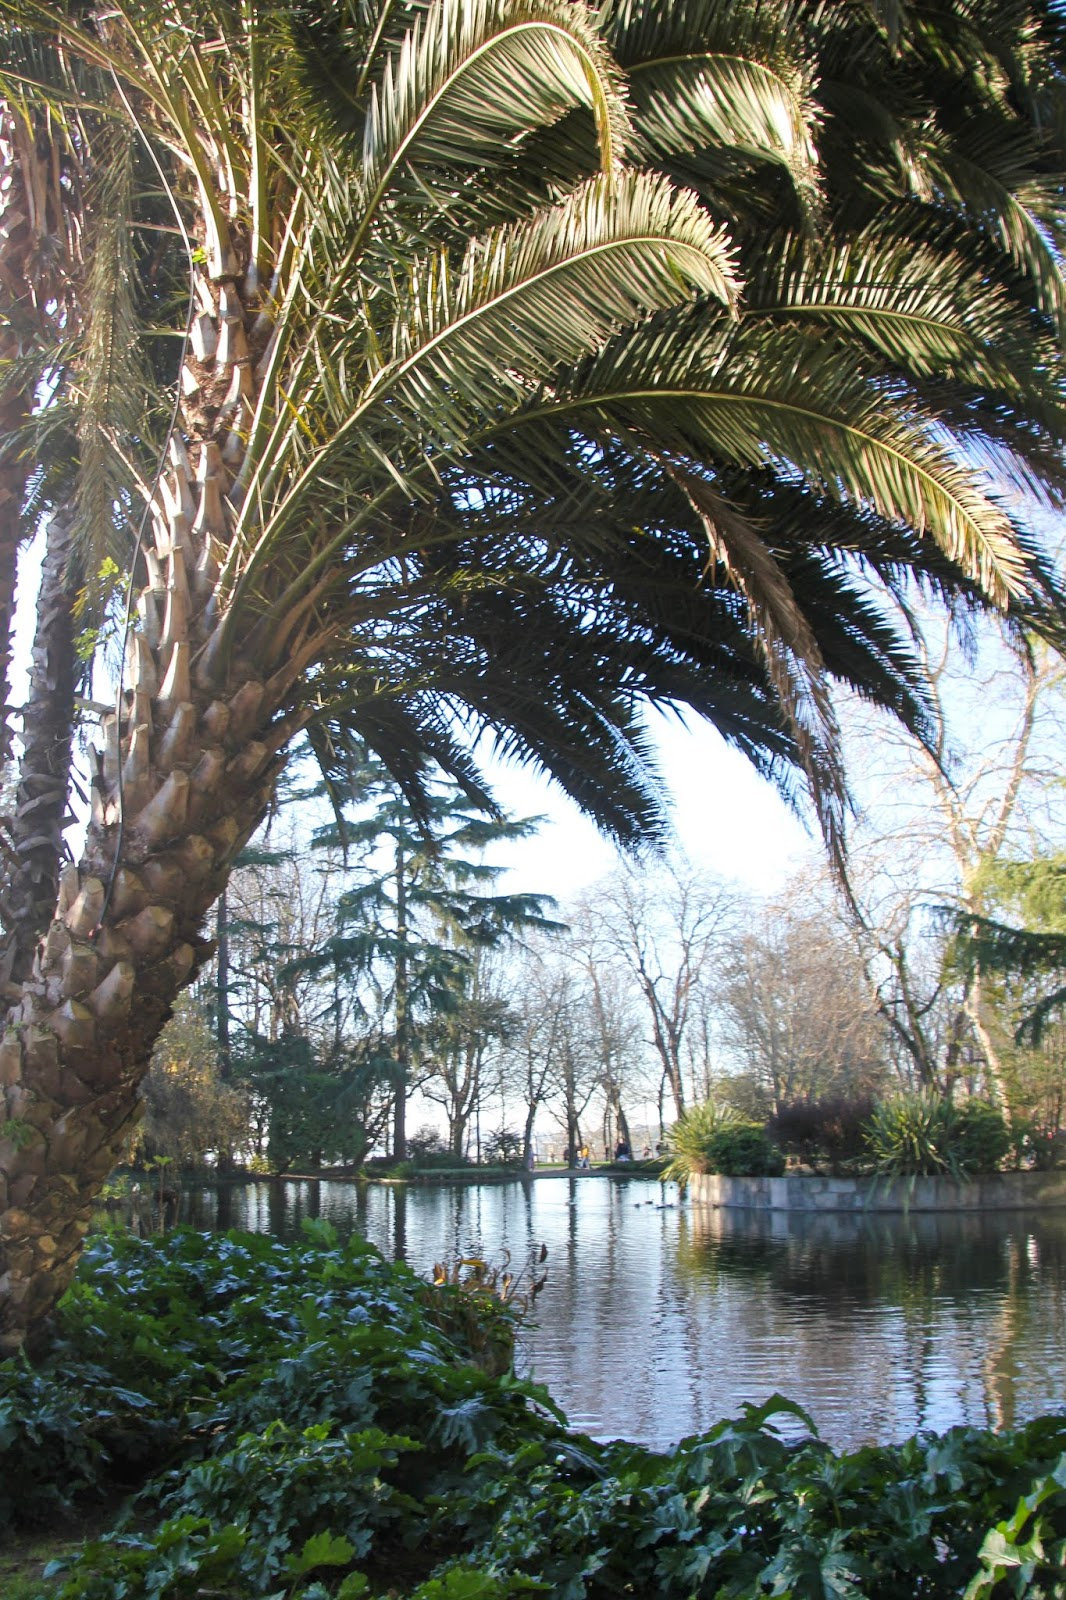 Jardin Palacio de Cristal